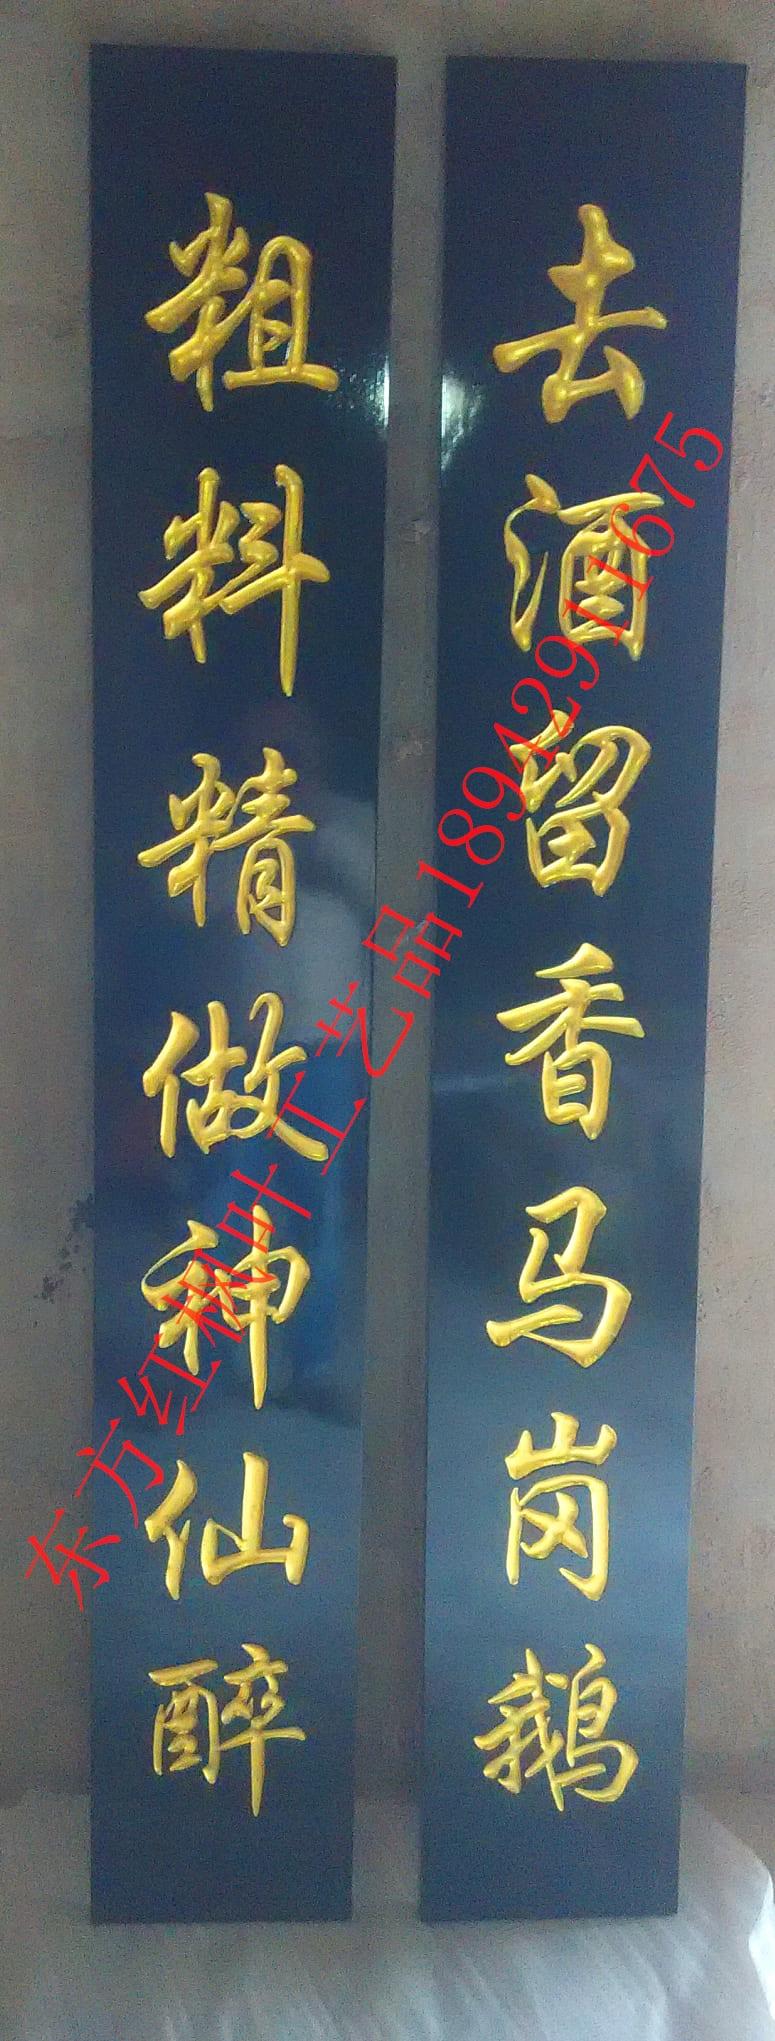 宜昌防腐木牌匾、对联制作,来图定制、厂家发货